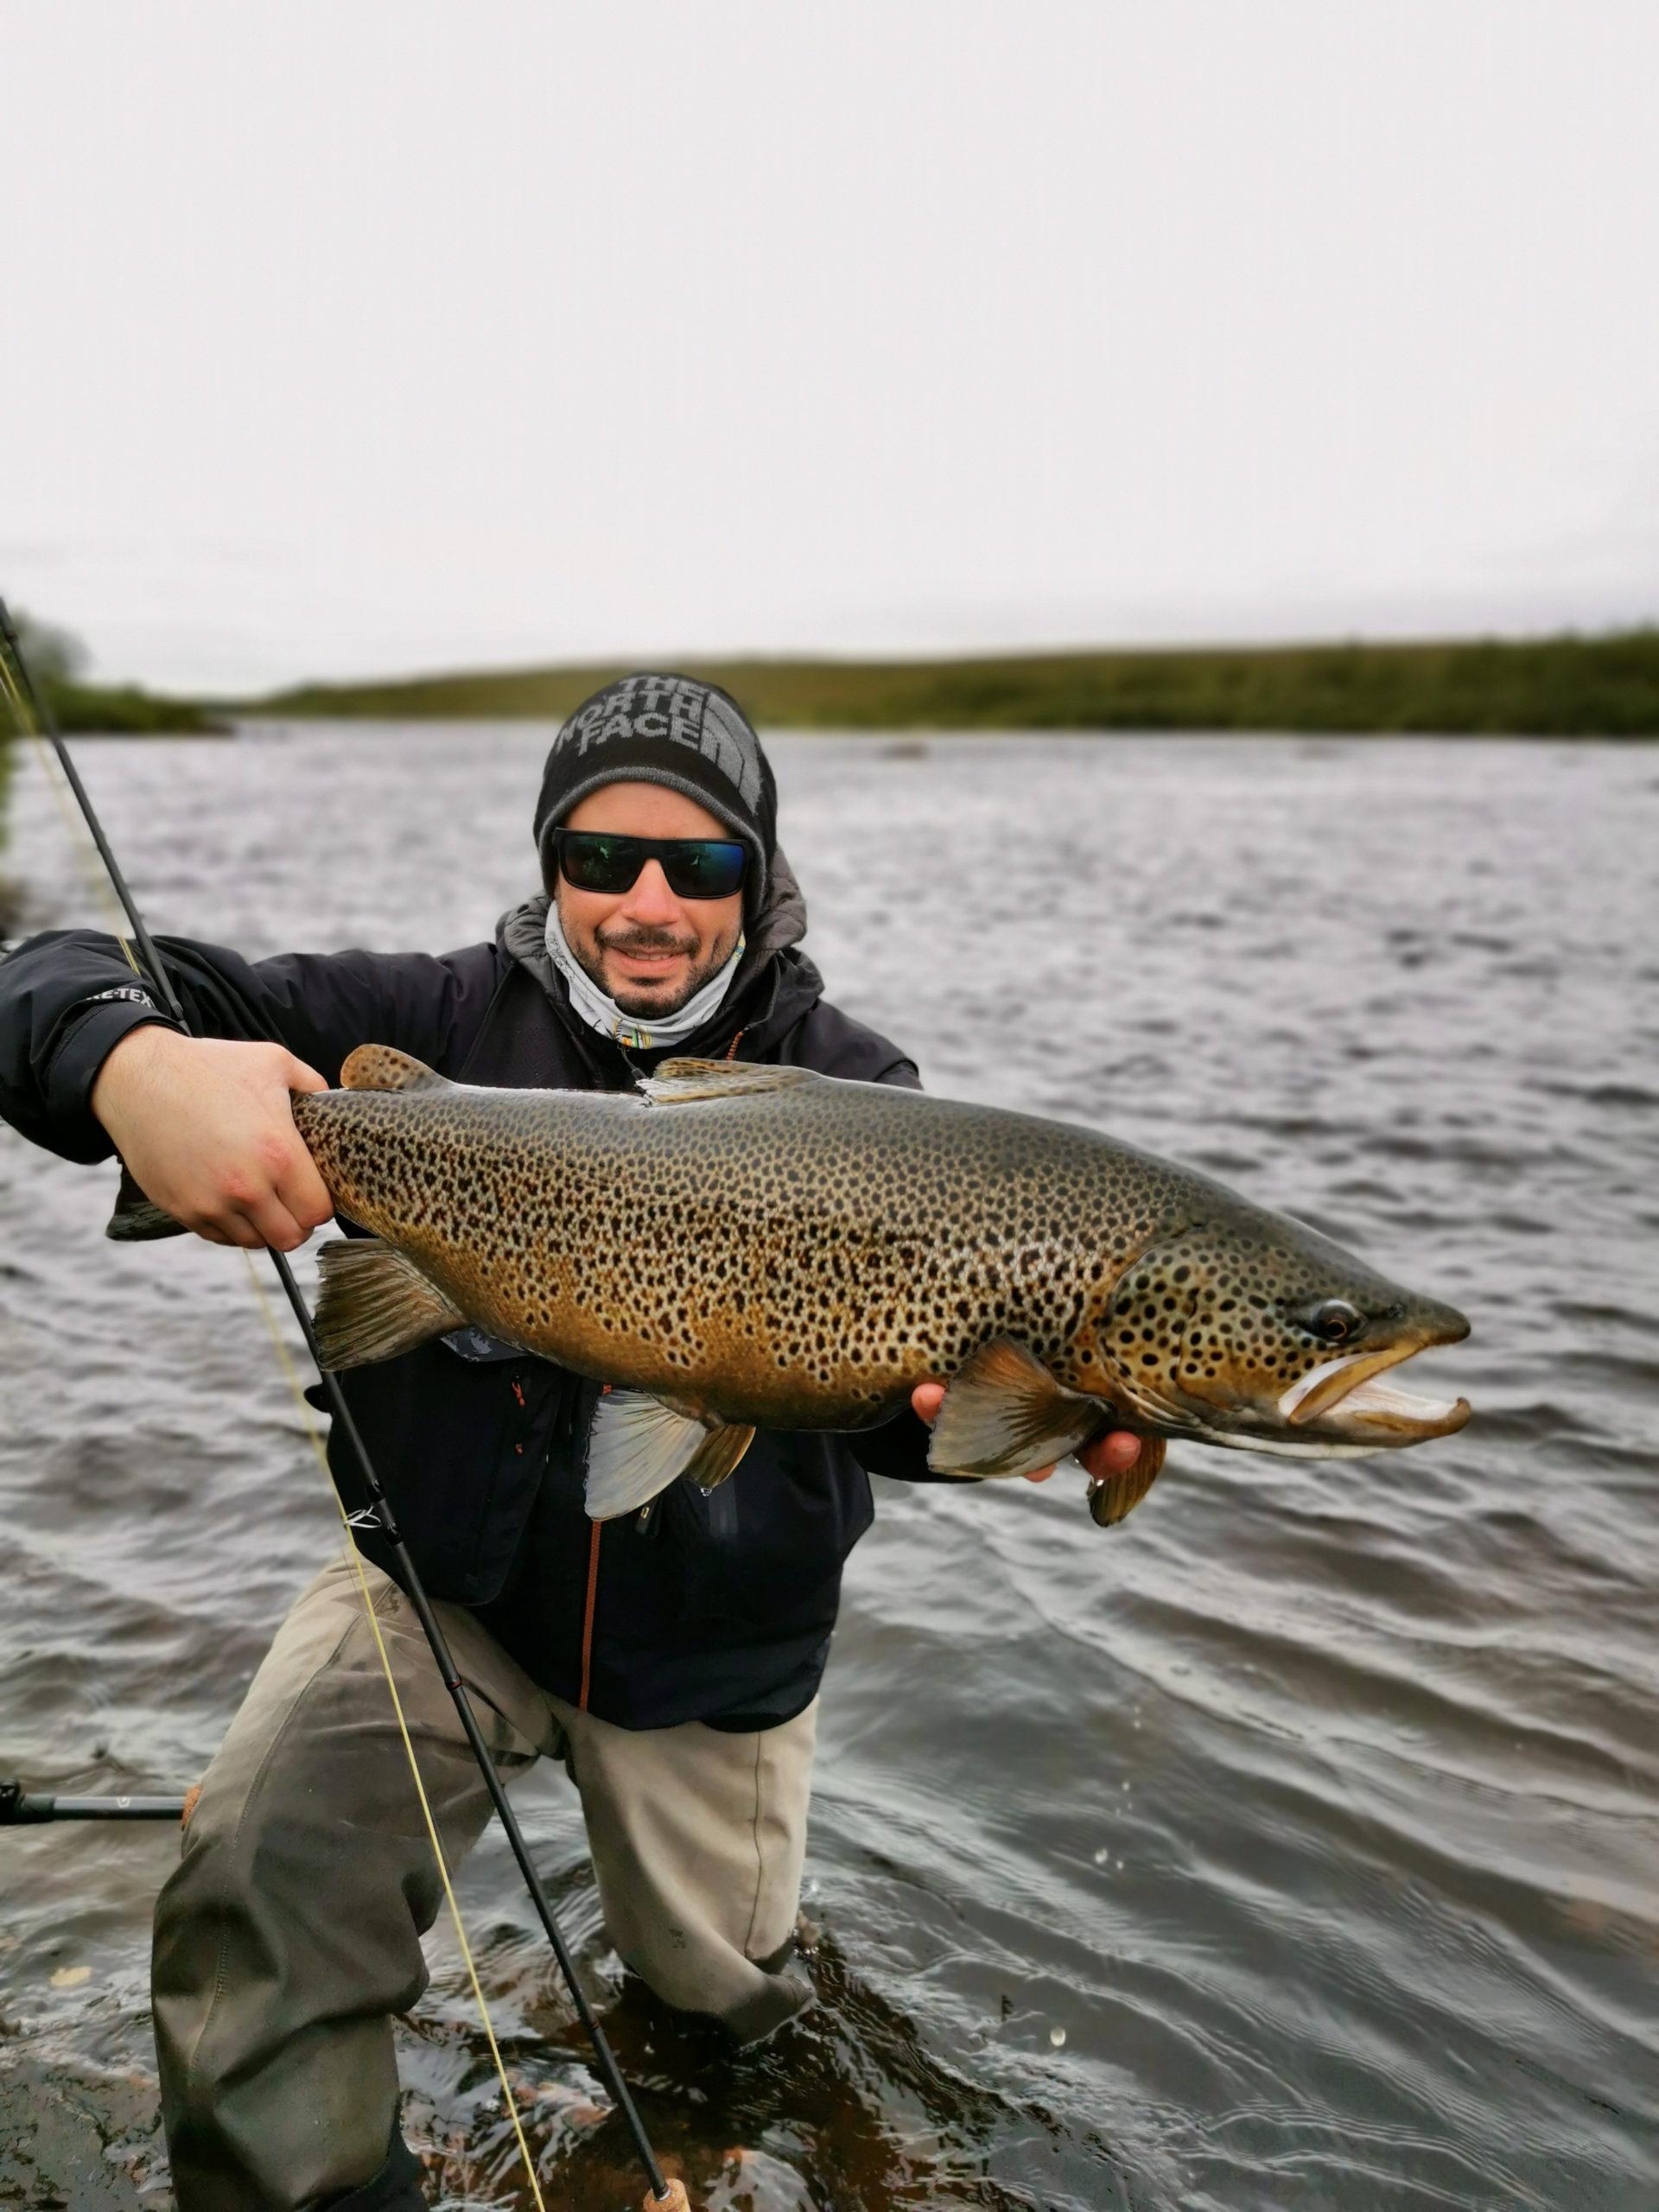 Robin mit seiner neuen PB und dem grössten Fisch des Trips. 5kg!!!